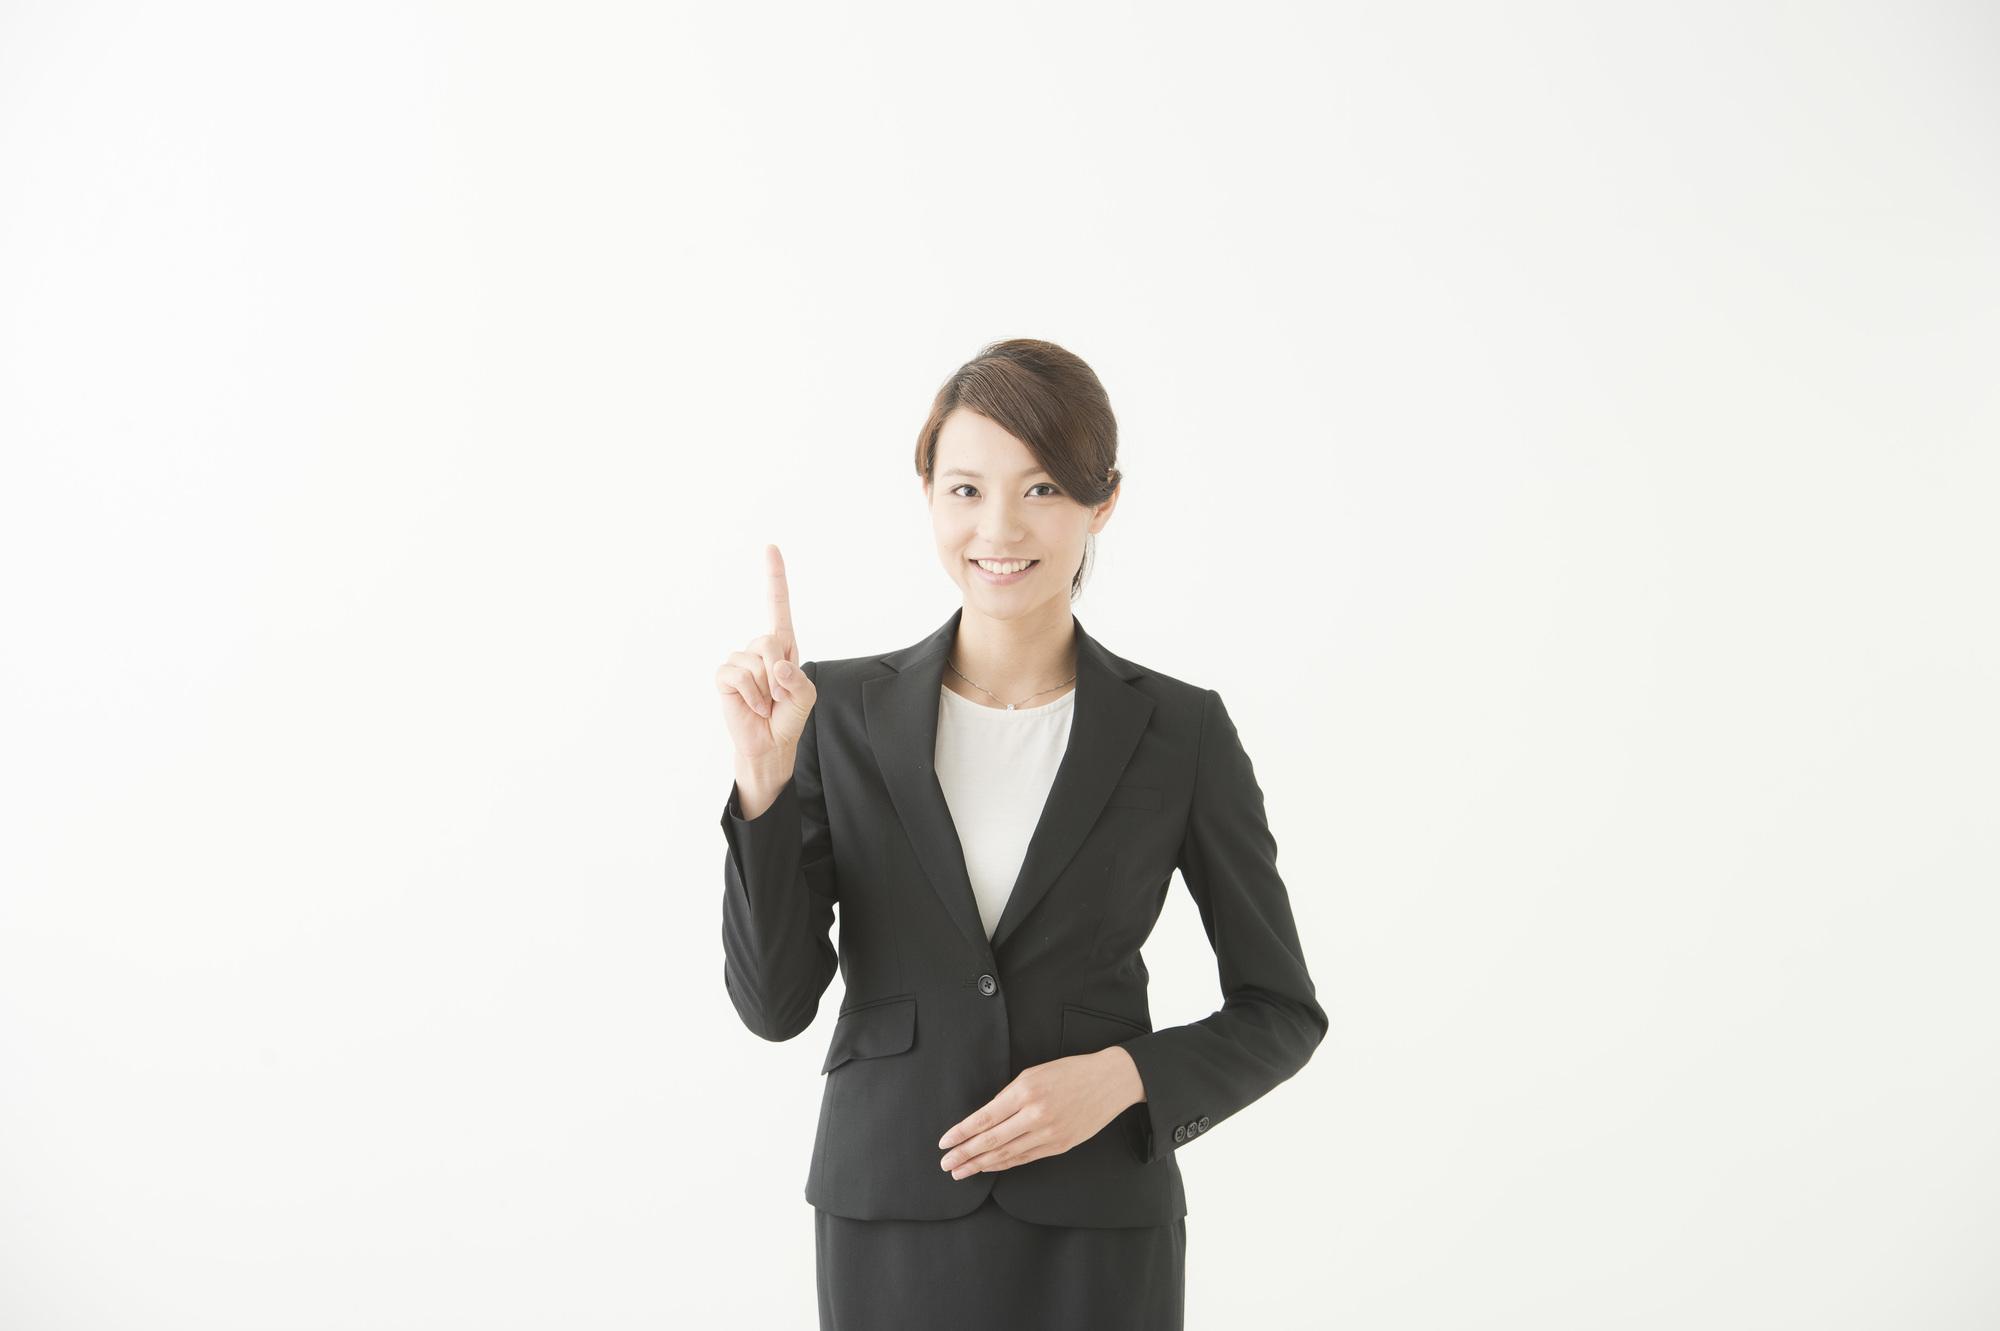 ビジネスマナー講師の女性